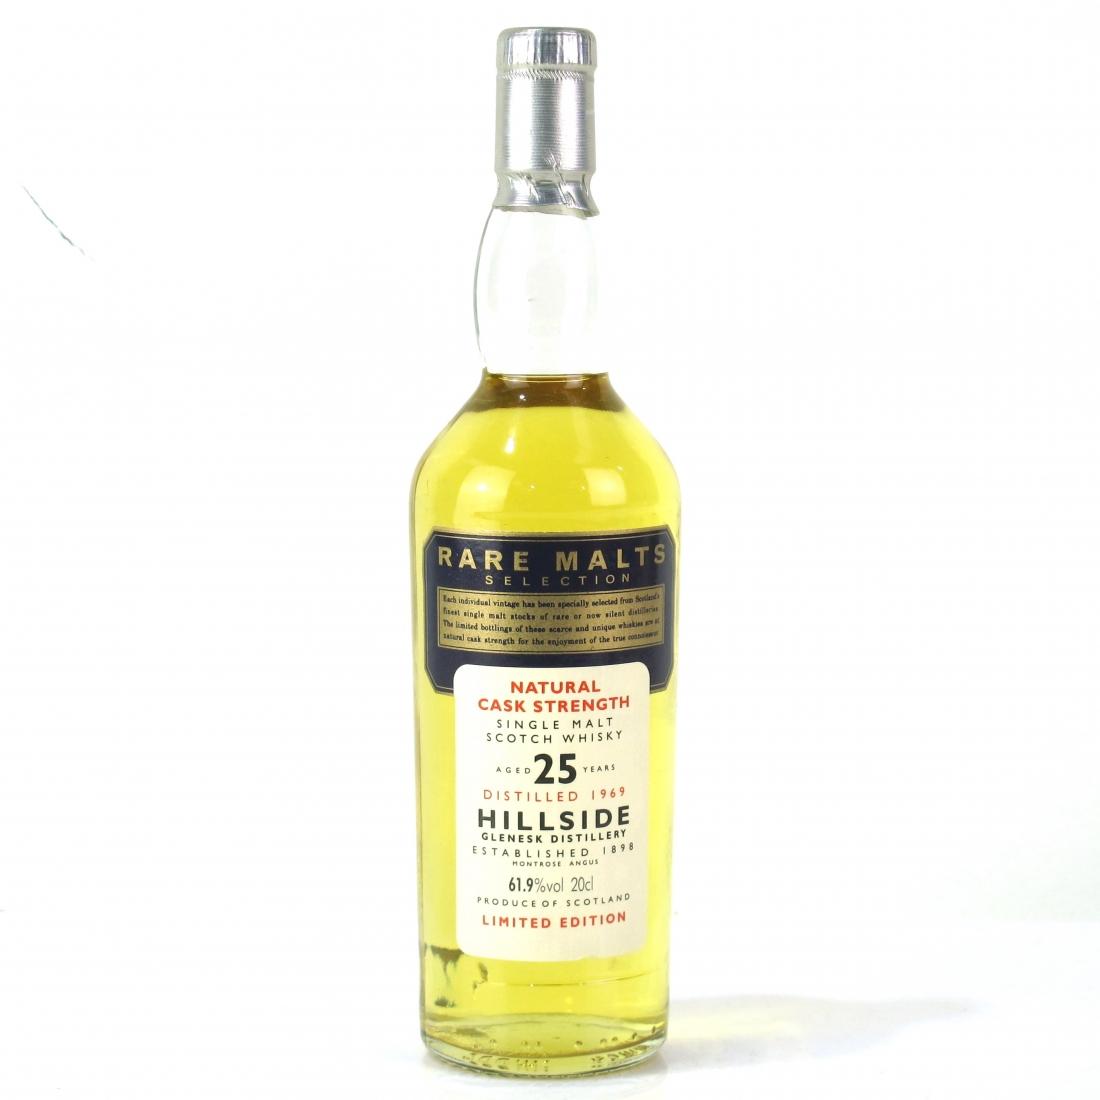 Hillside / Glenesk 1969 Rare Malt 25 Year Old 20cl / 61.9%